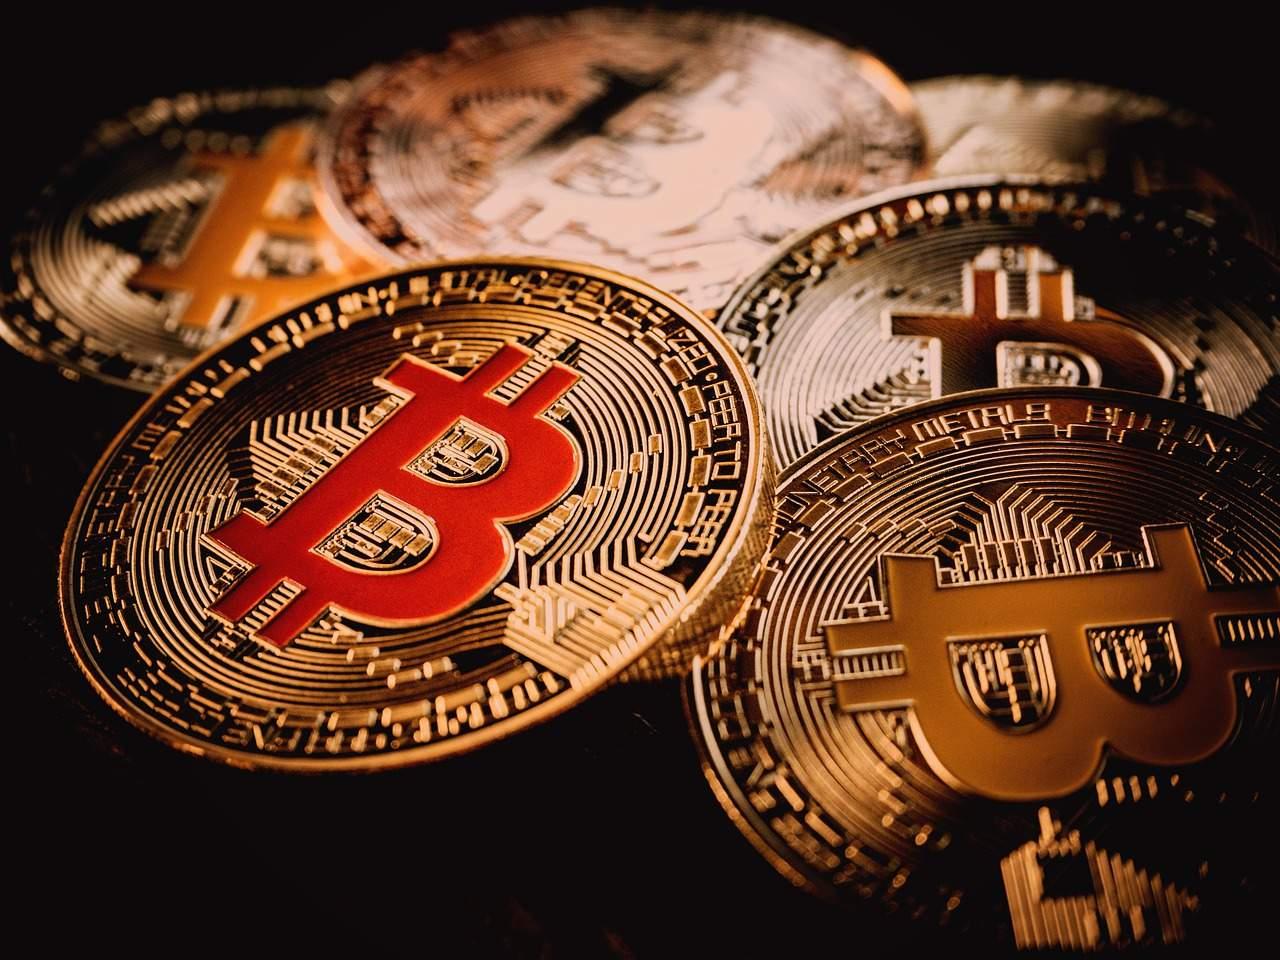 Kritischer Moment Bitcoin – Analysten sehen Anstieg auf 14.000 Dollar